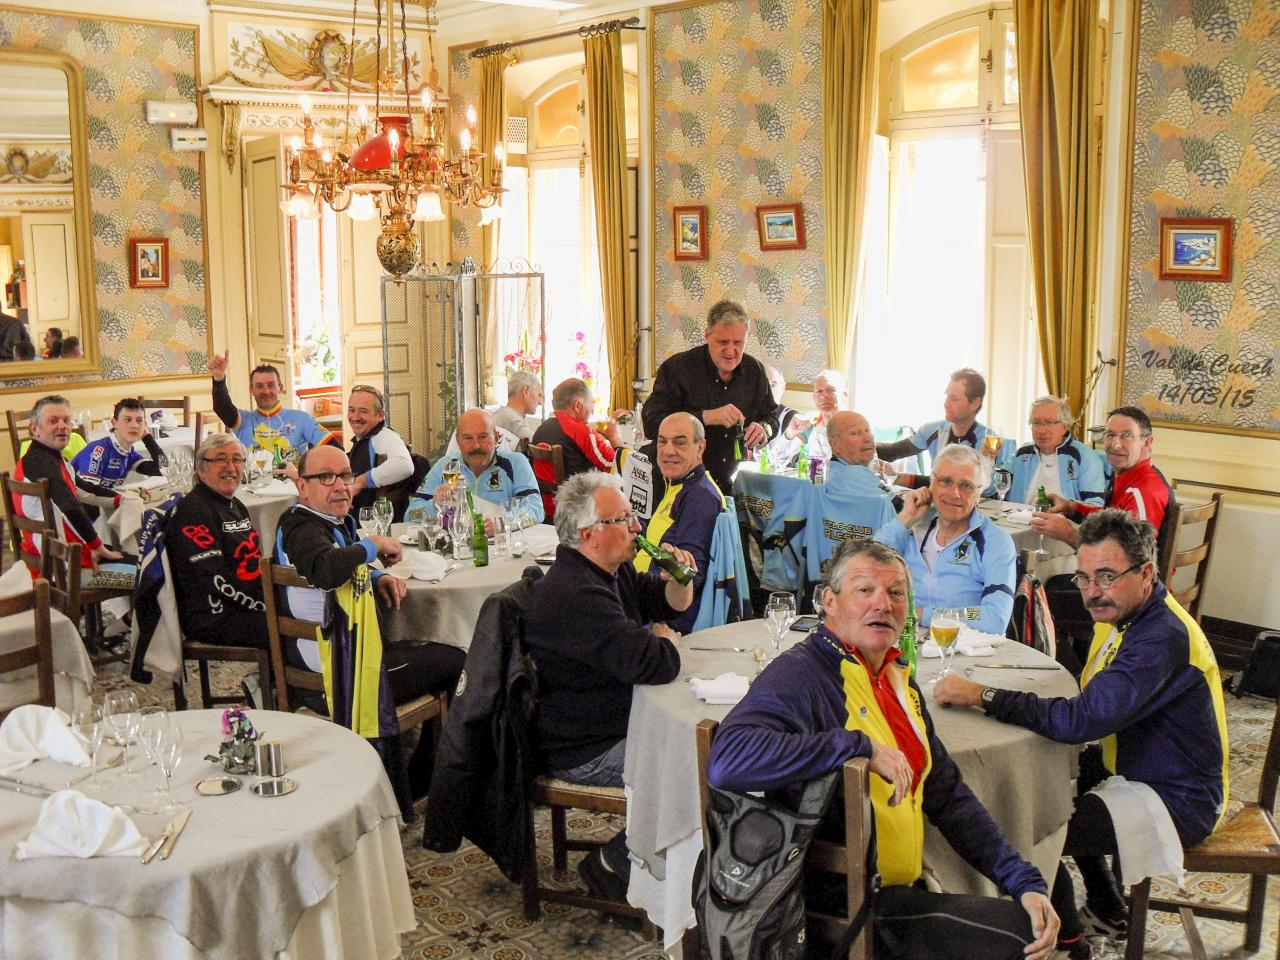 Le richebois salon 14-3-15(1)